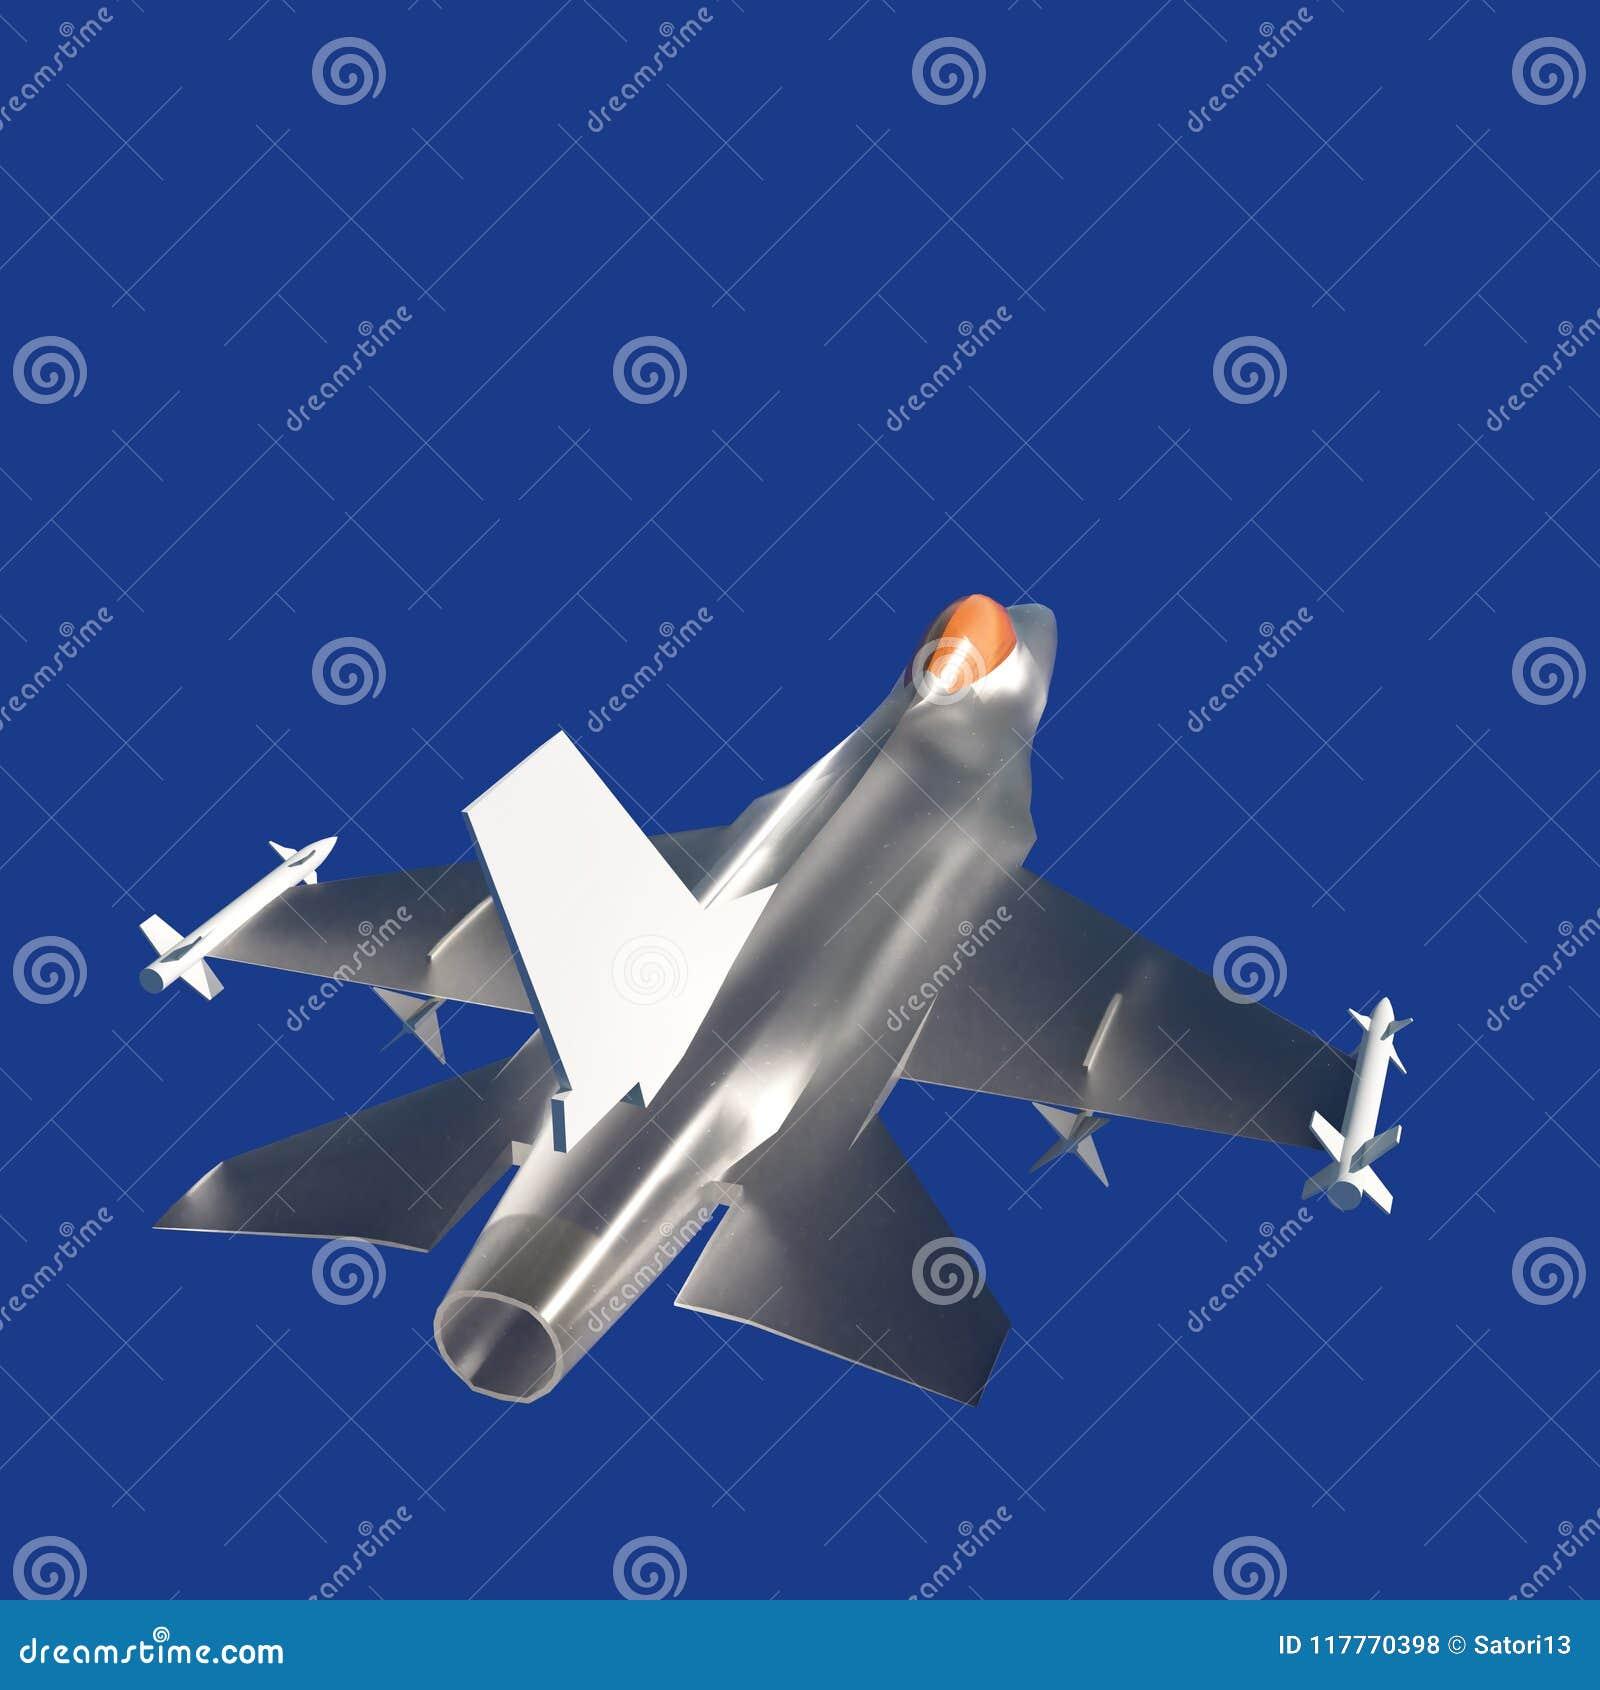 Vechter het straal vliegen tegen een blauwe hemel, 3d illustratie